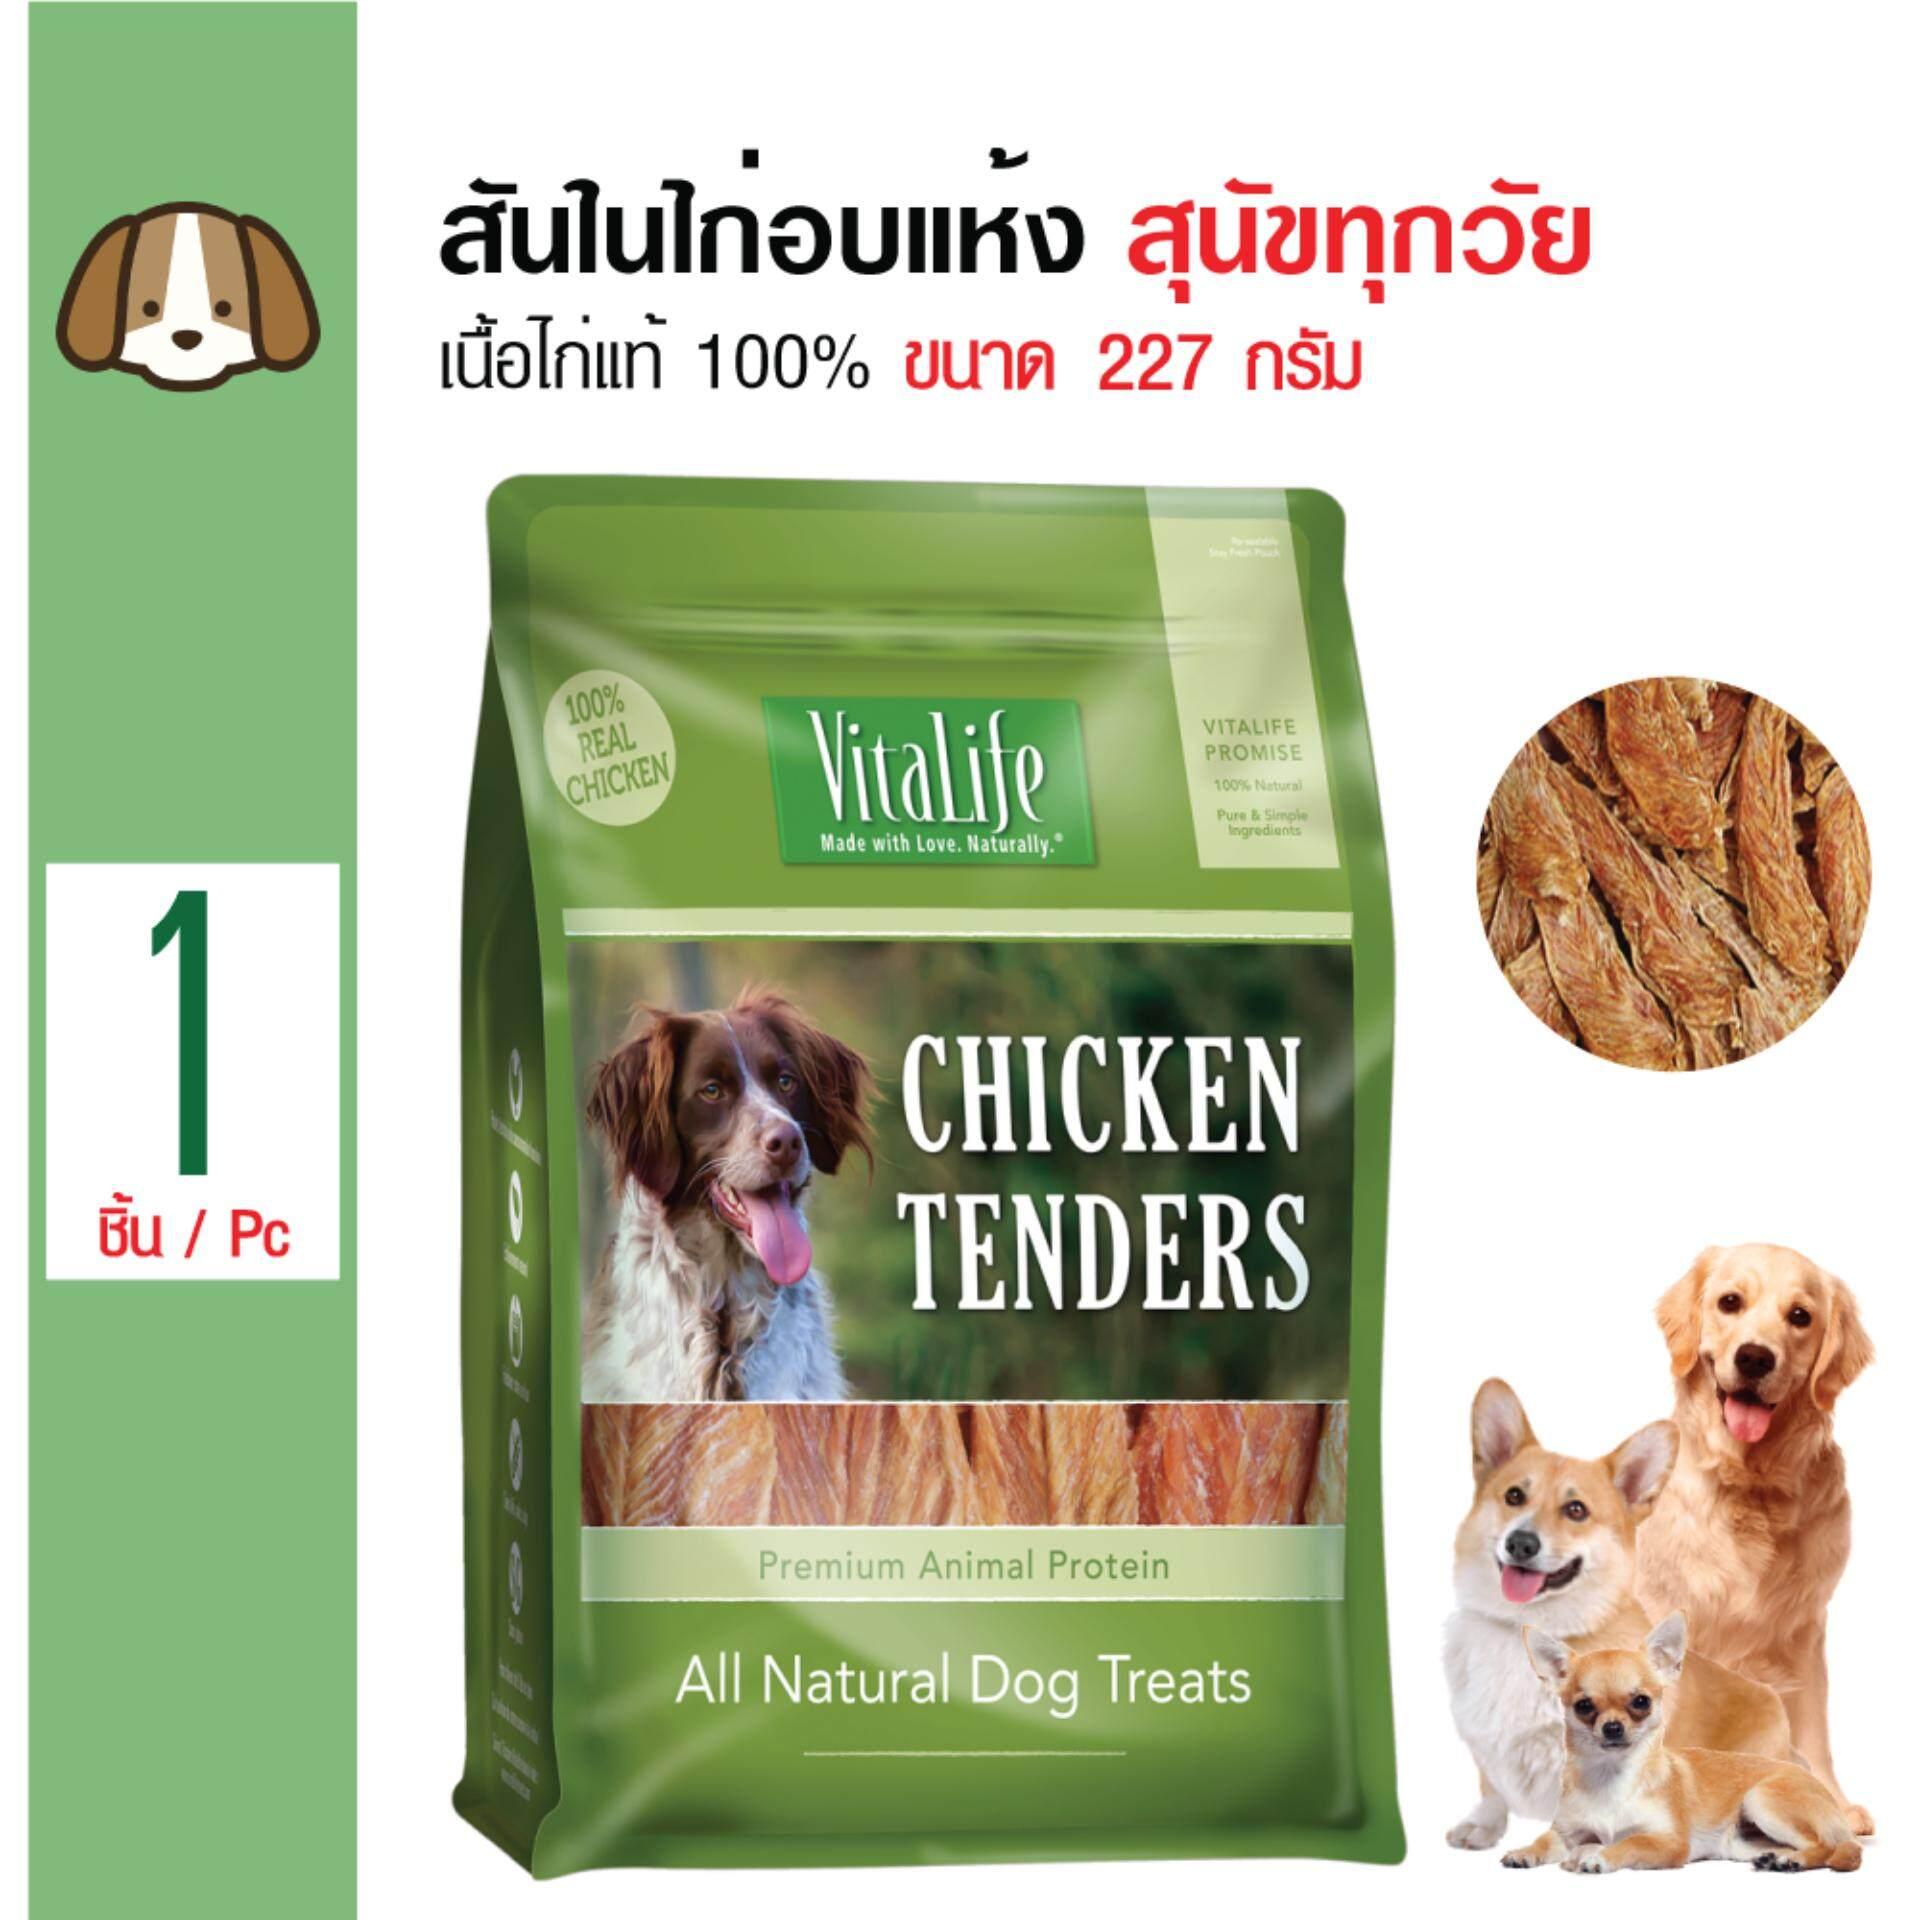 ซื้อ Vitalife ขนมสุนัข สันในไก่อบแห้งแท้ 100 สำหรับสุนัขทุกสายพันธุ์ ขนาด 227 กรัม ถูก ใน กรุงเทพมหานคร